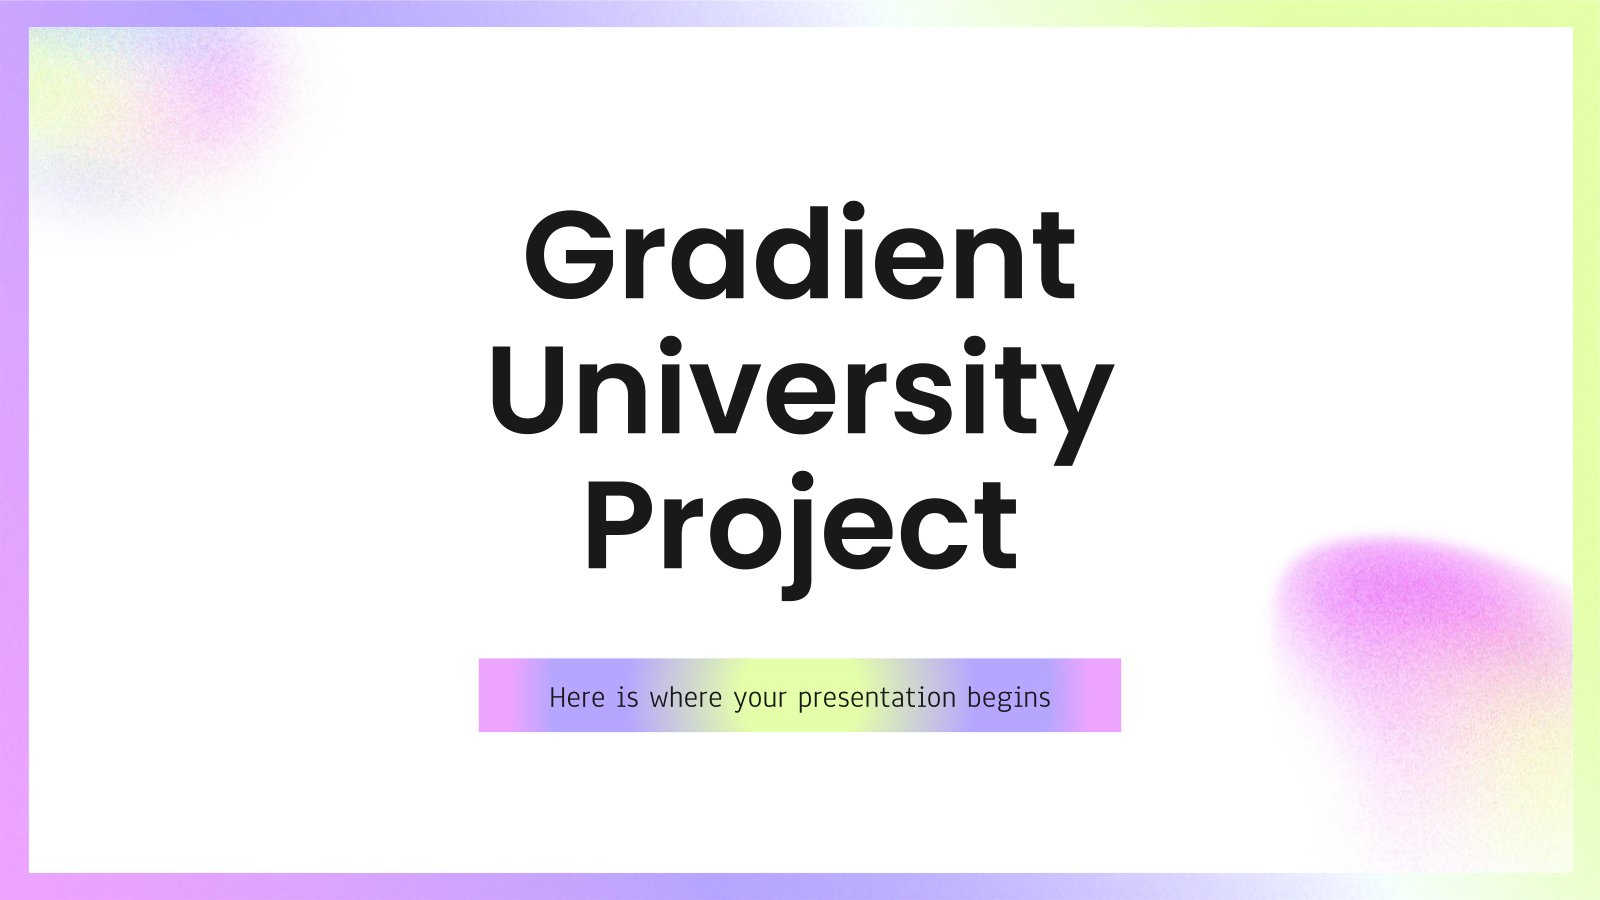 Projekt für die Universität mit Farbverlauf Präsentationsvorlage